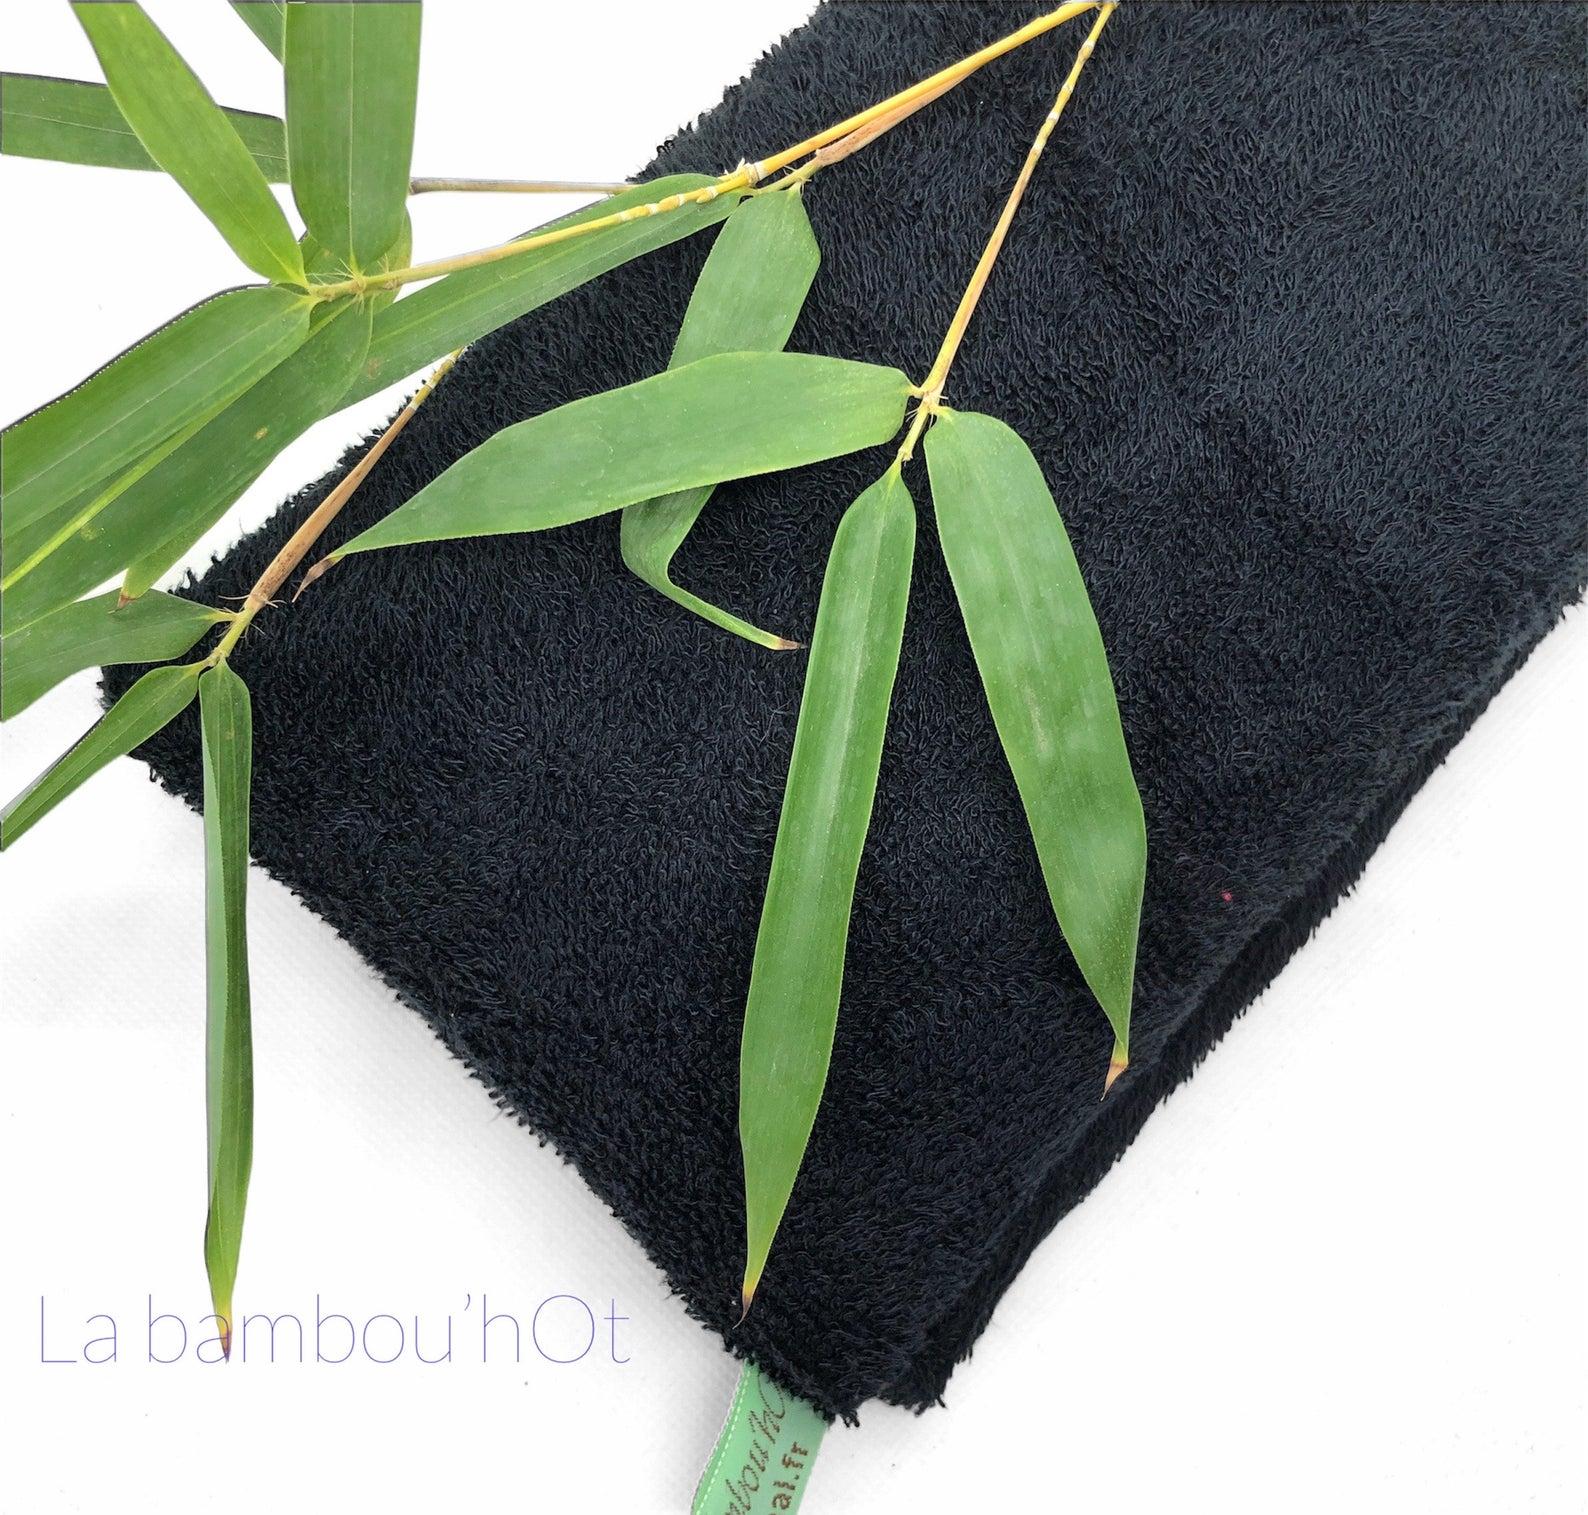 Bambou\' HOt Noire